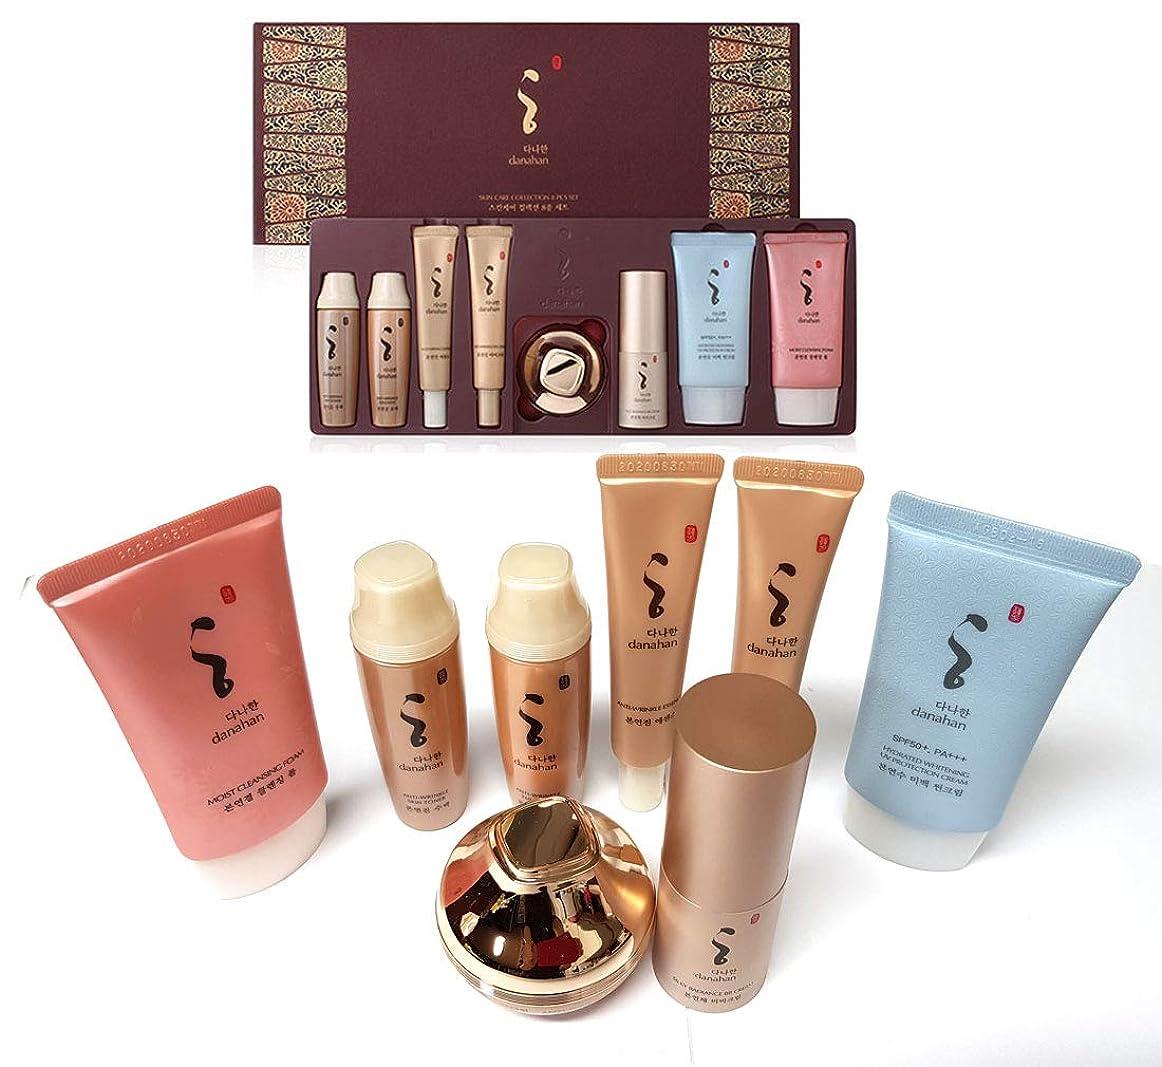 潮スリット素子[DANAHAN] スキンケアコレクションギフト8本セット/ Skin Care Collection gift 8pcs set/モイスチャー、ハーバルフルイド/Moisture, herbal fluidn/韓国化粧品/Korean Cosmetics [並行輸入品]